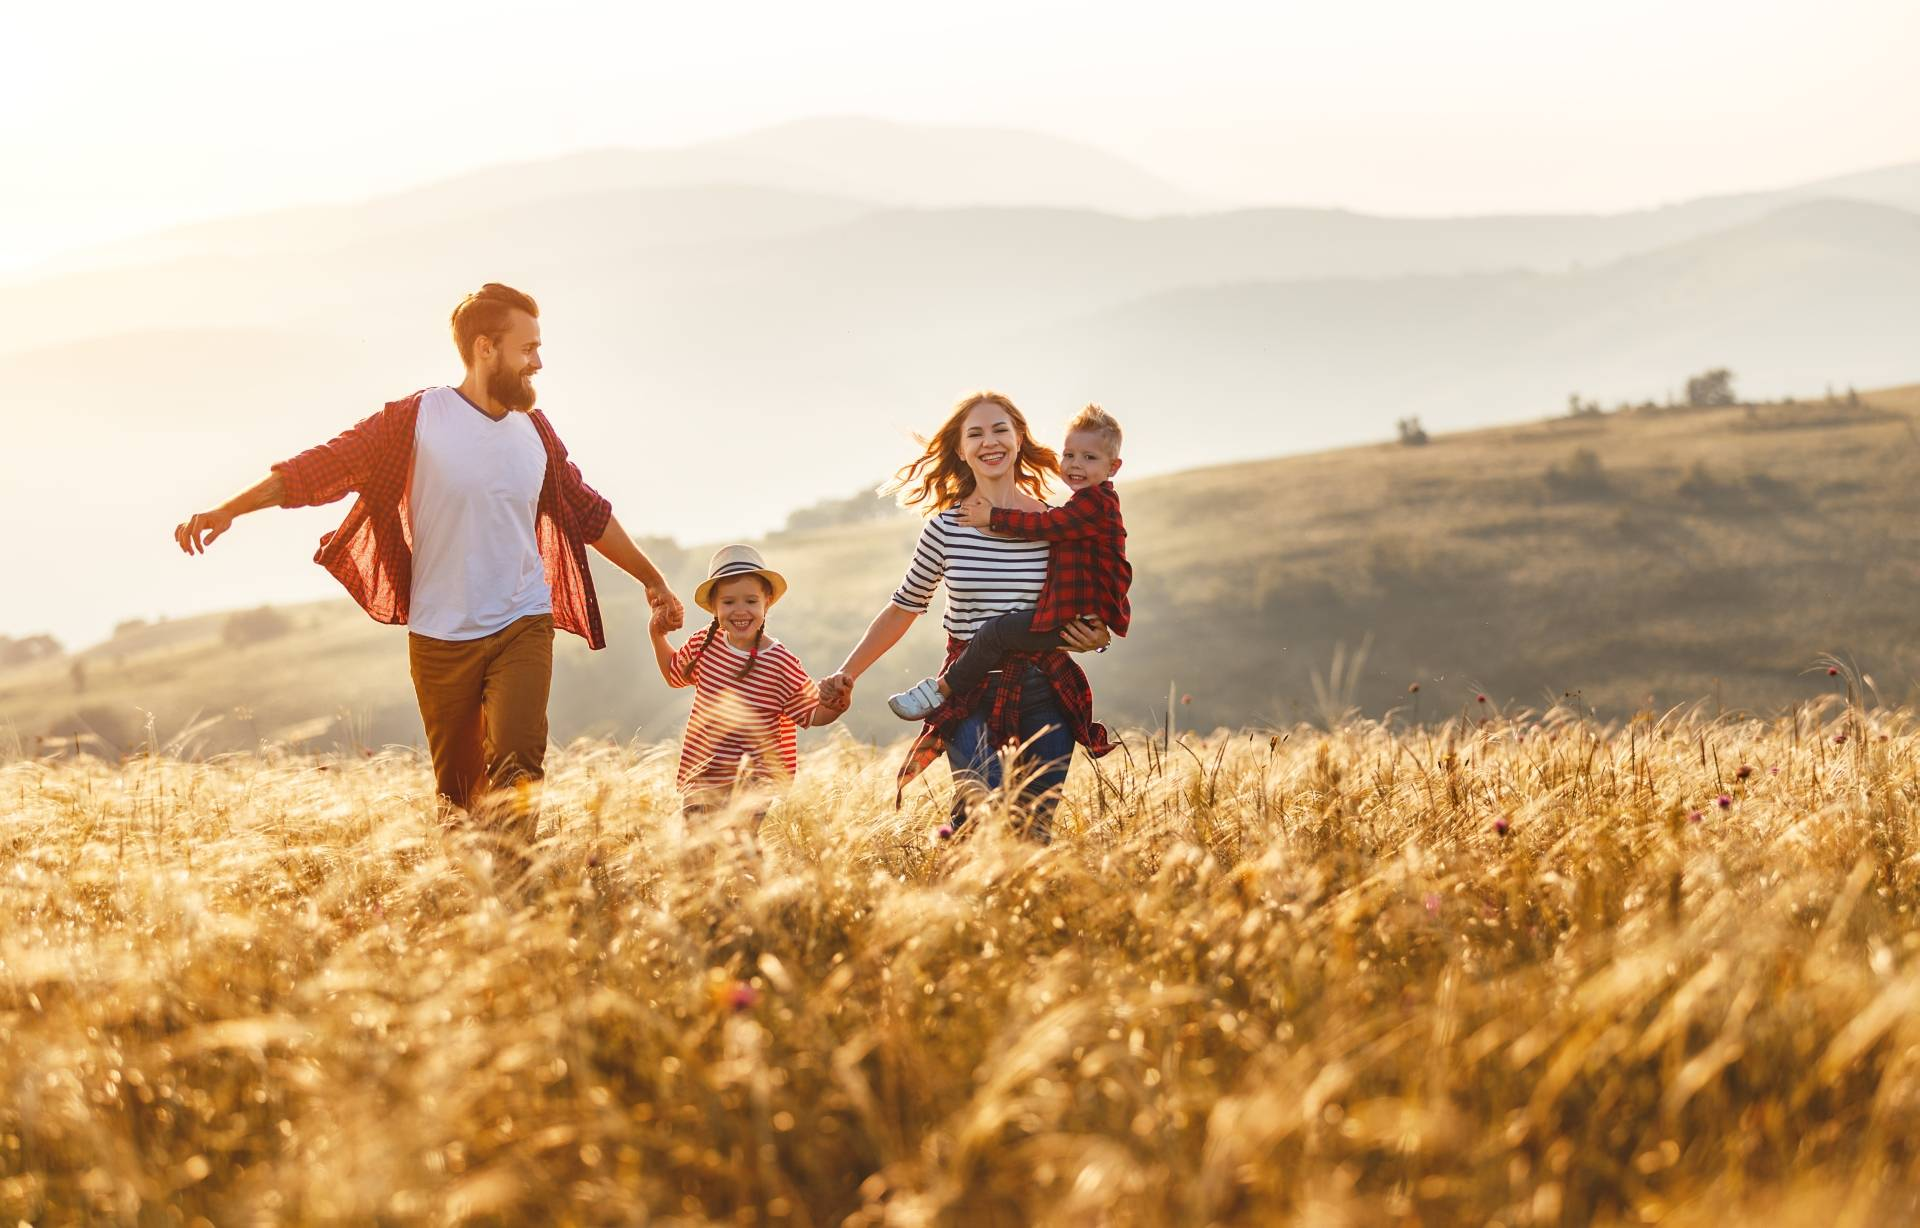 Alergia na pyłki - kiedy warto przeprowadzić odczulanie? Szczęśliwa rodzina - mama, tata i dwoje dzieci - biegną po polu w letnie, słoneczne popołudnie.